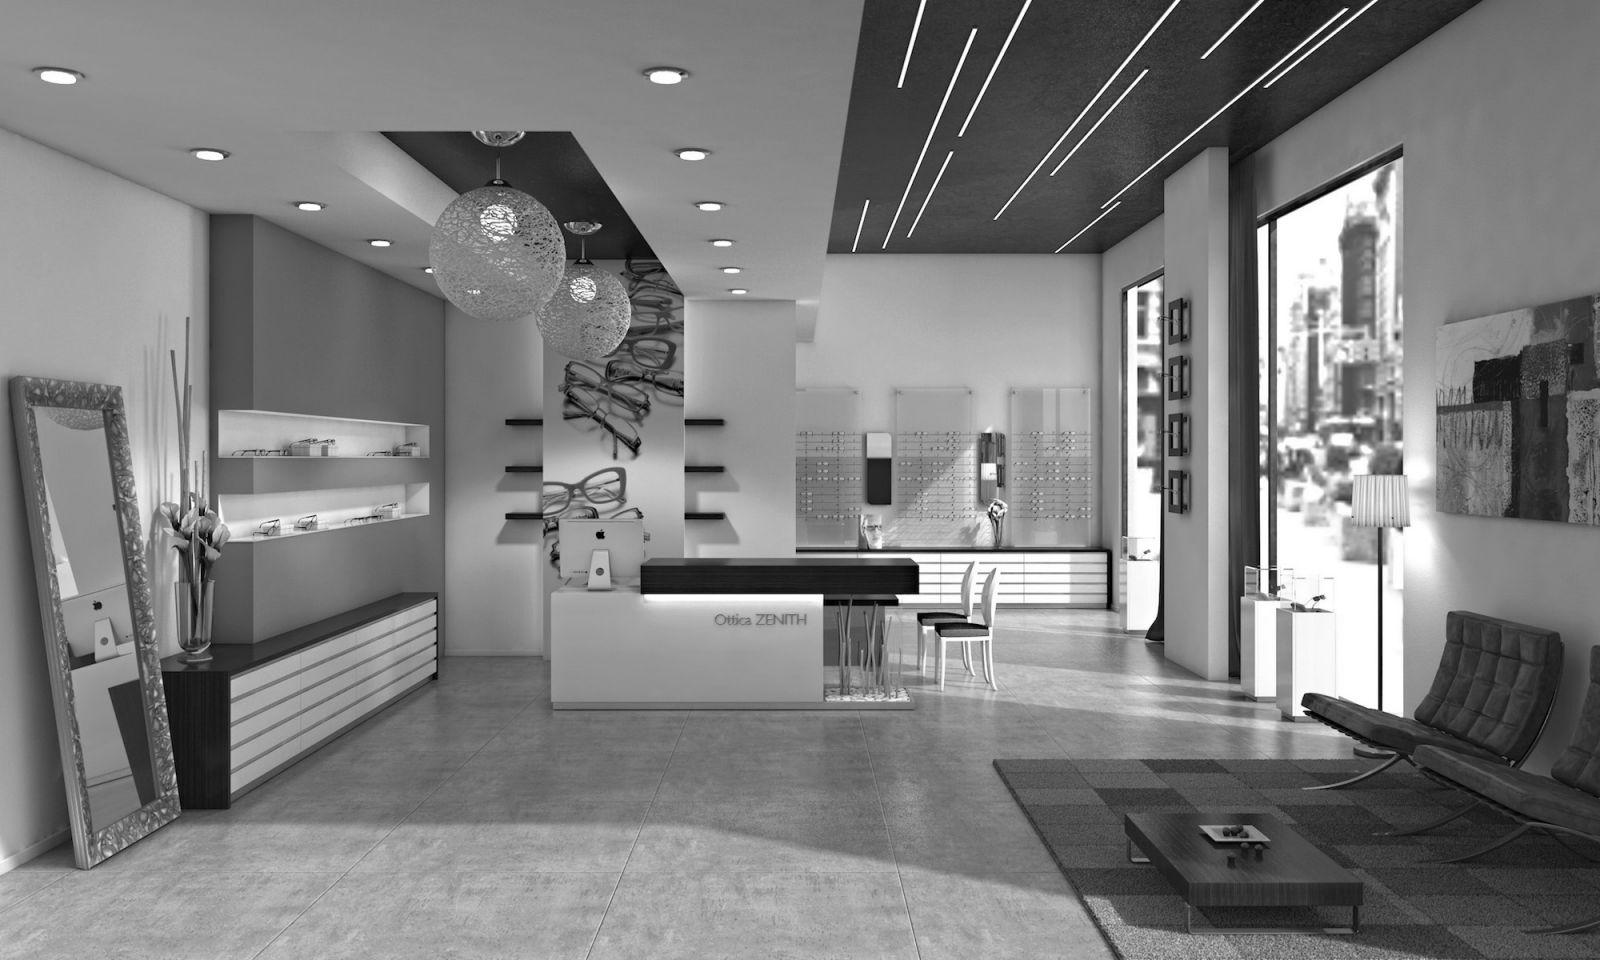 Arredamento Di Design progettazione e arredamento di design per ottici e